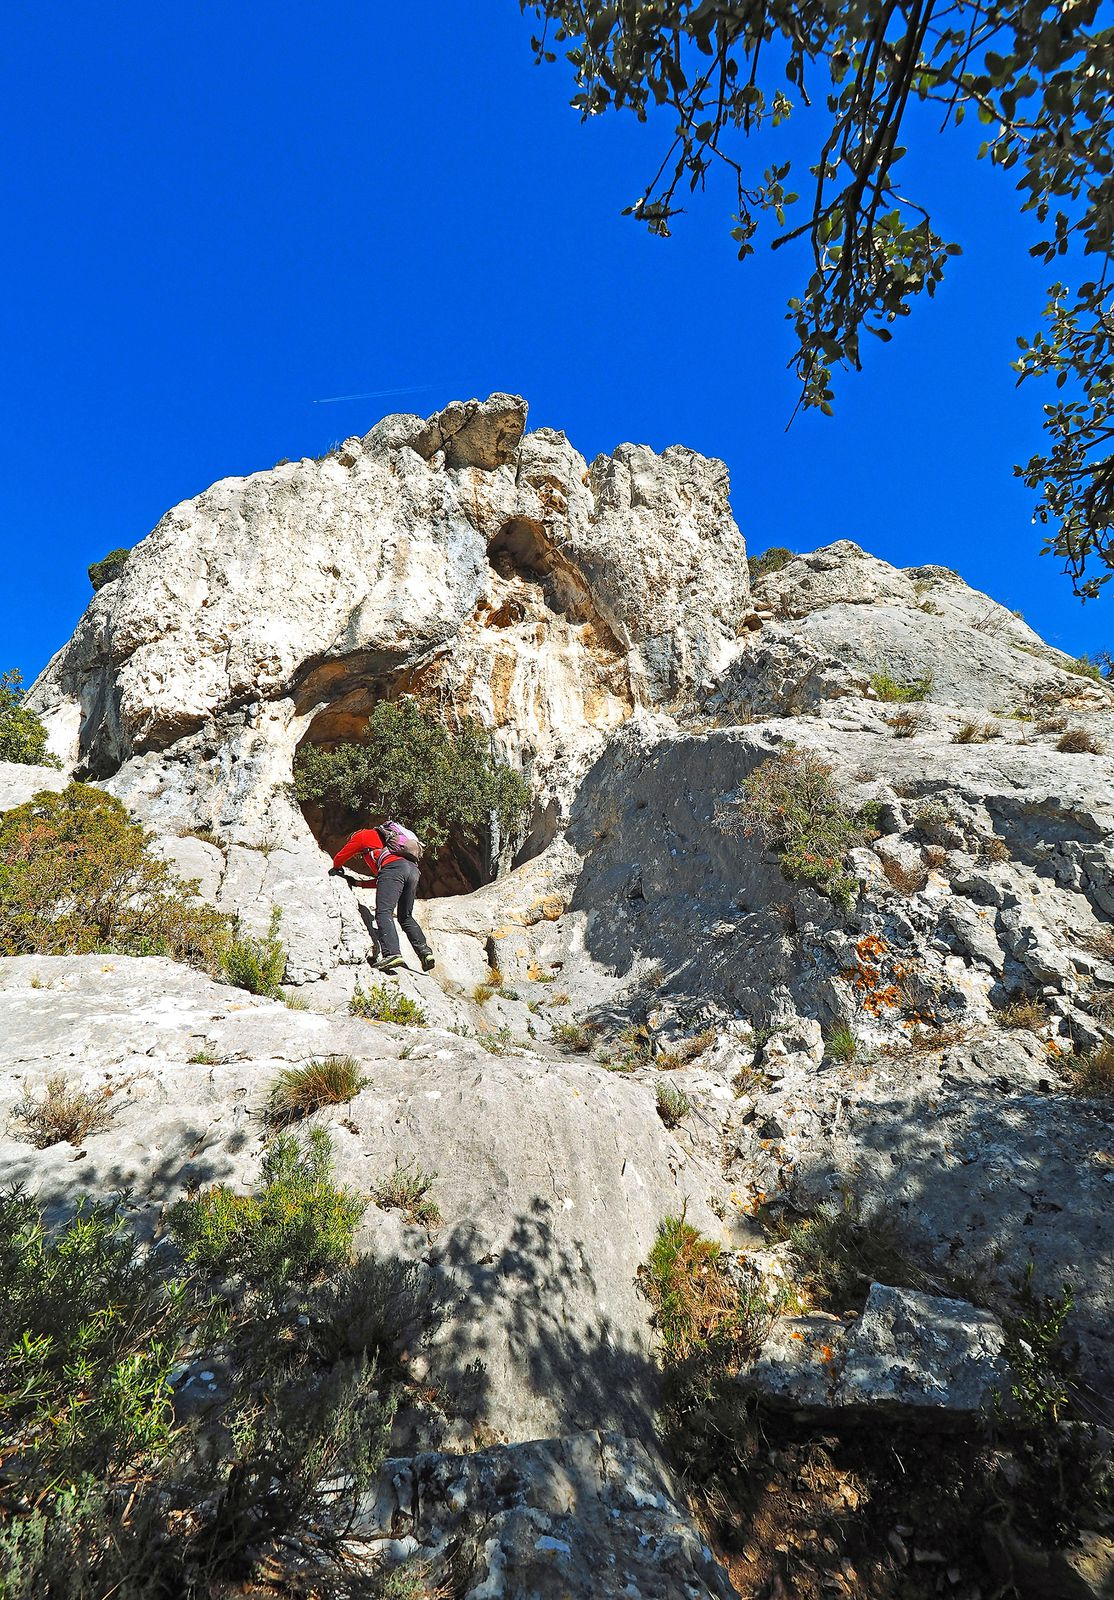 C'est peu après ces vires que l'on peut monter quelques mètres sur la gauche du chemin pour voir la grotte. Une petite escalade facile d'une dizaine de mètres y donne accès. On peut aussi passer par une vire plus à gauche.